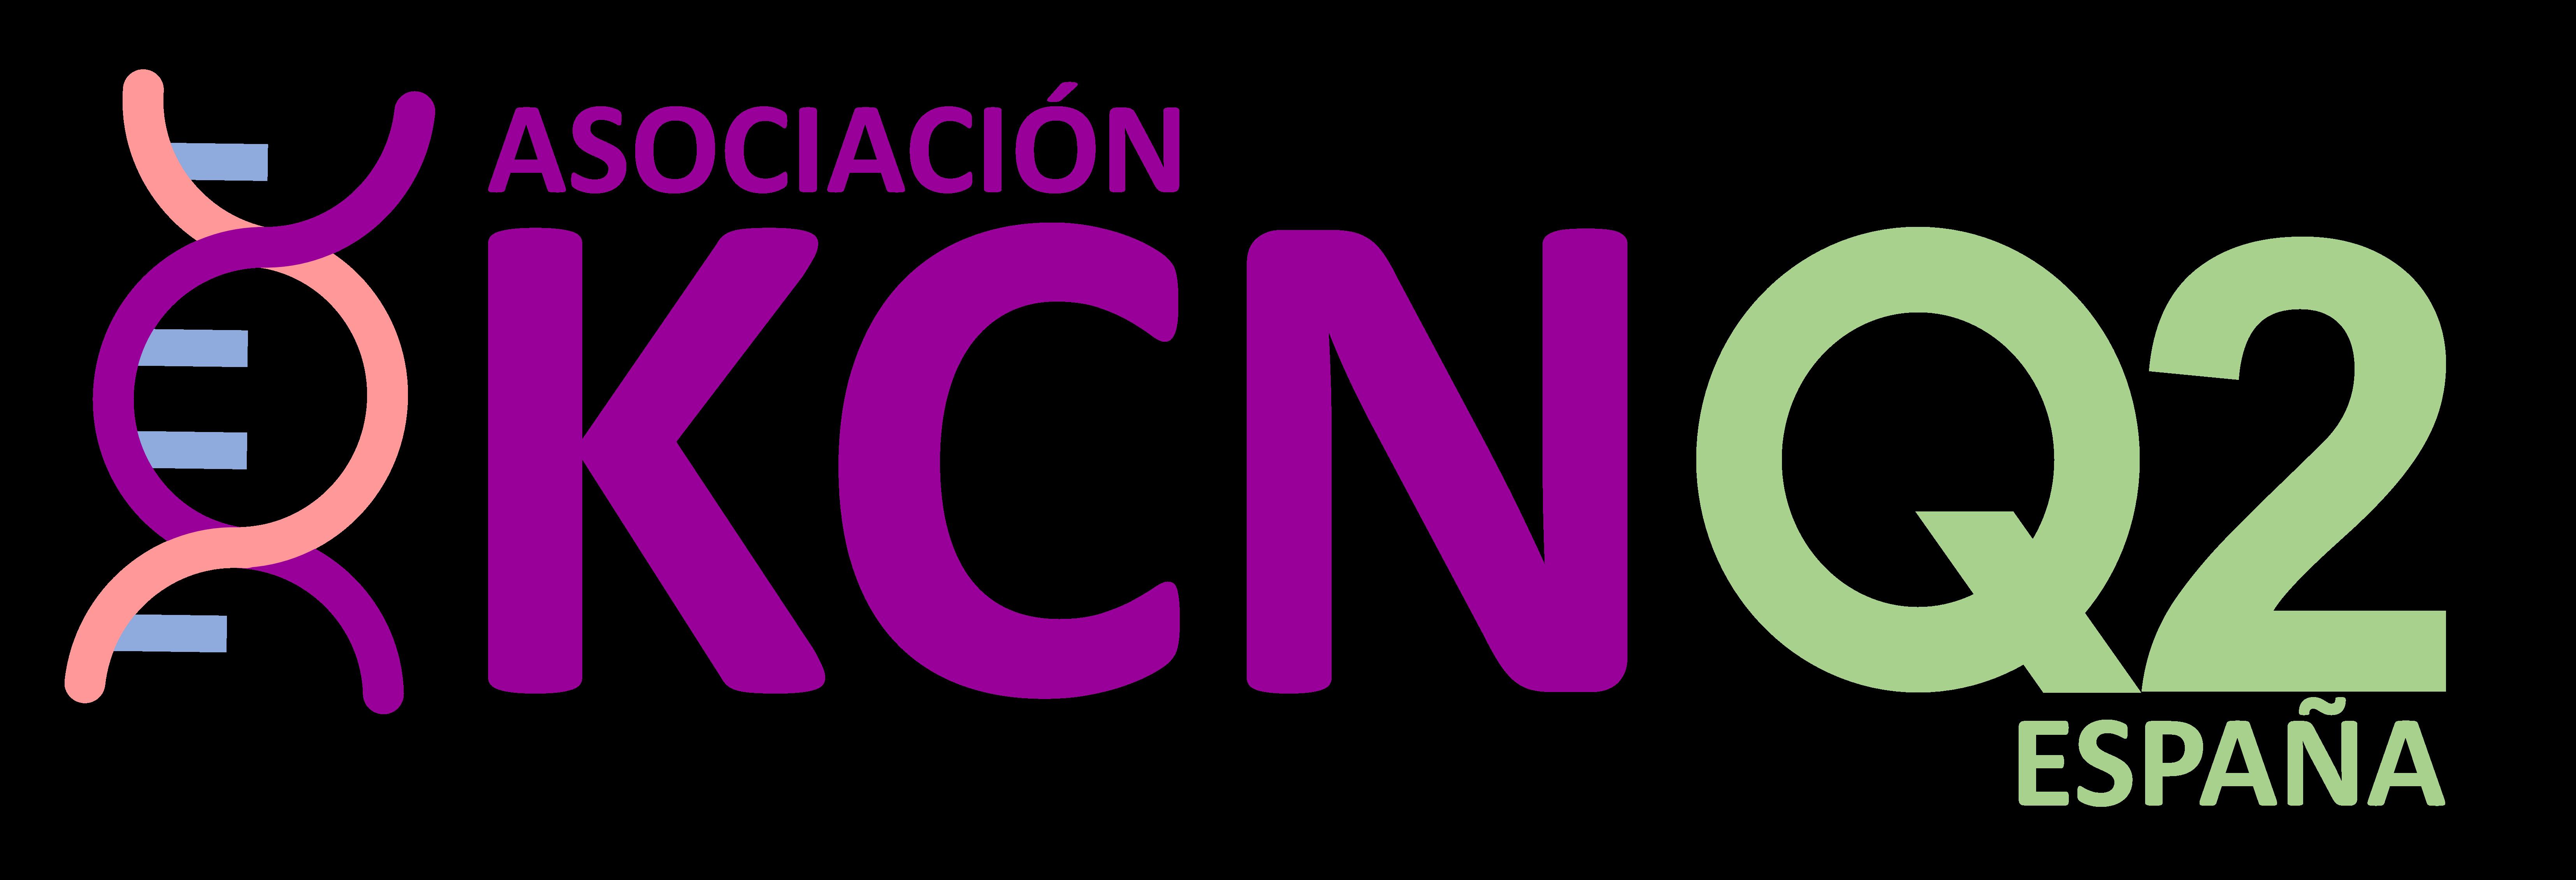 KCNQ2 ESPAÑA